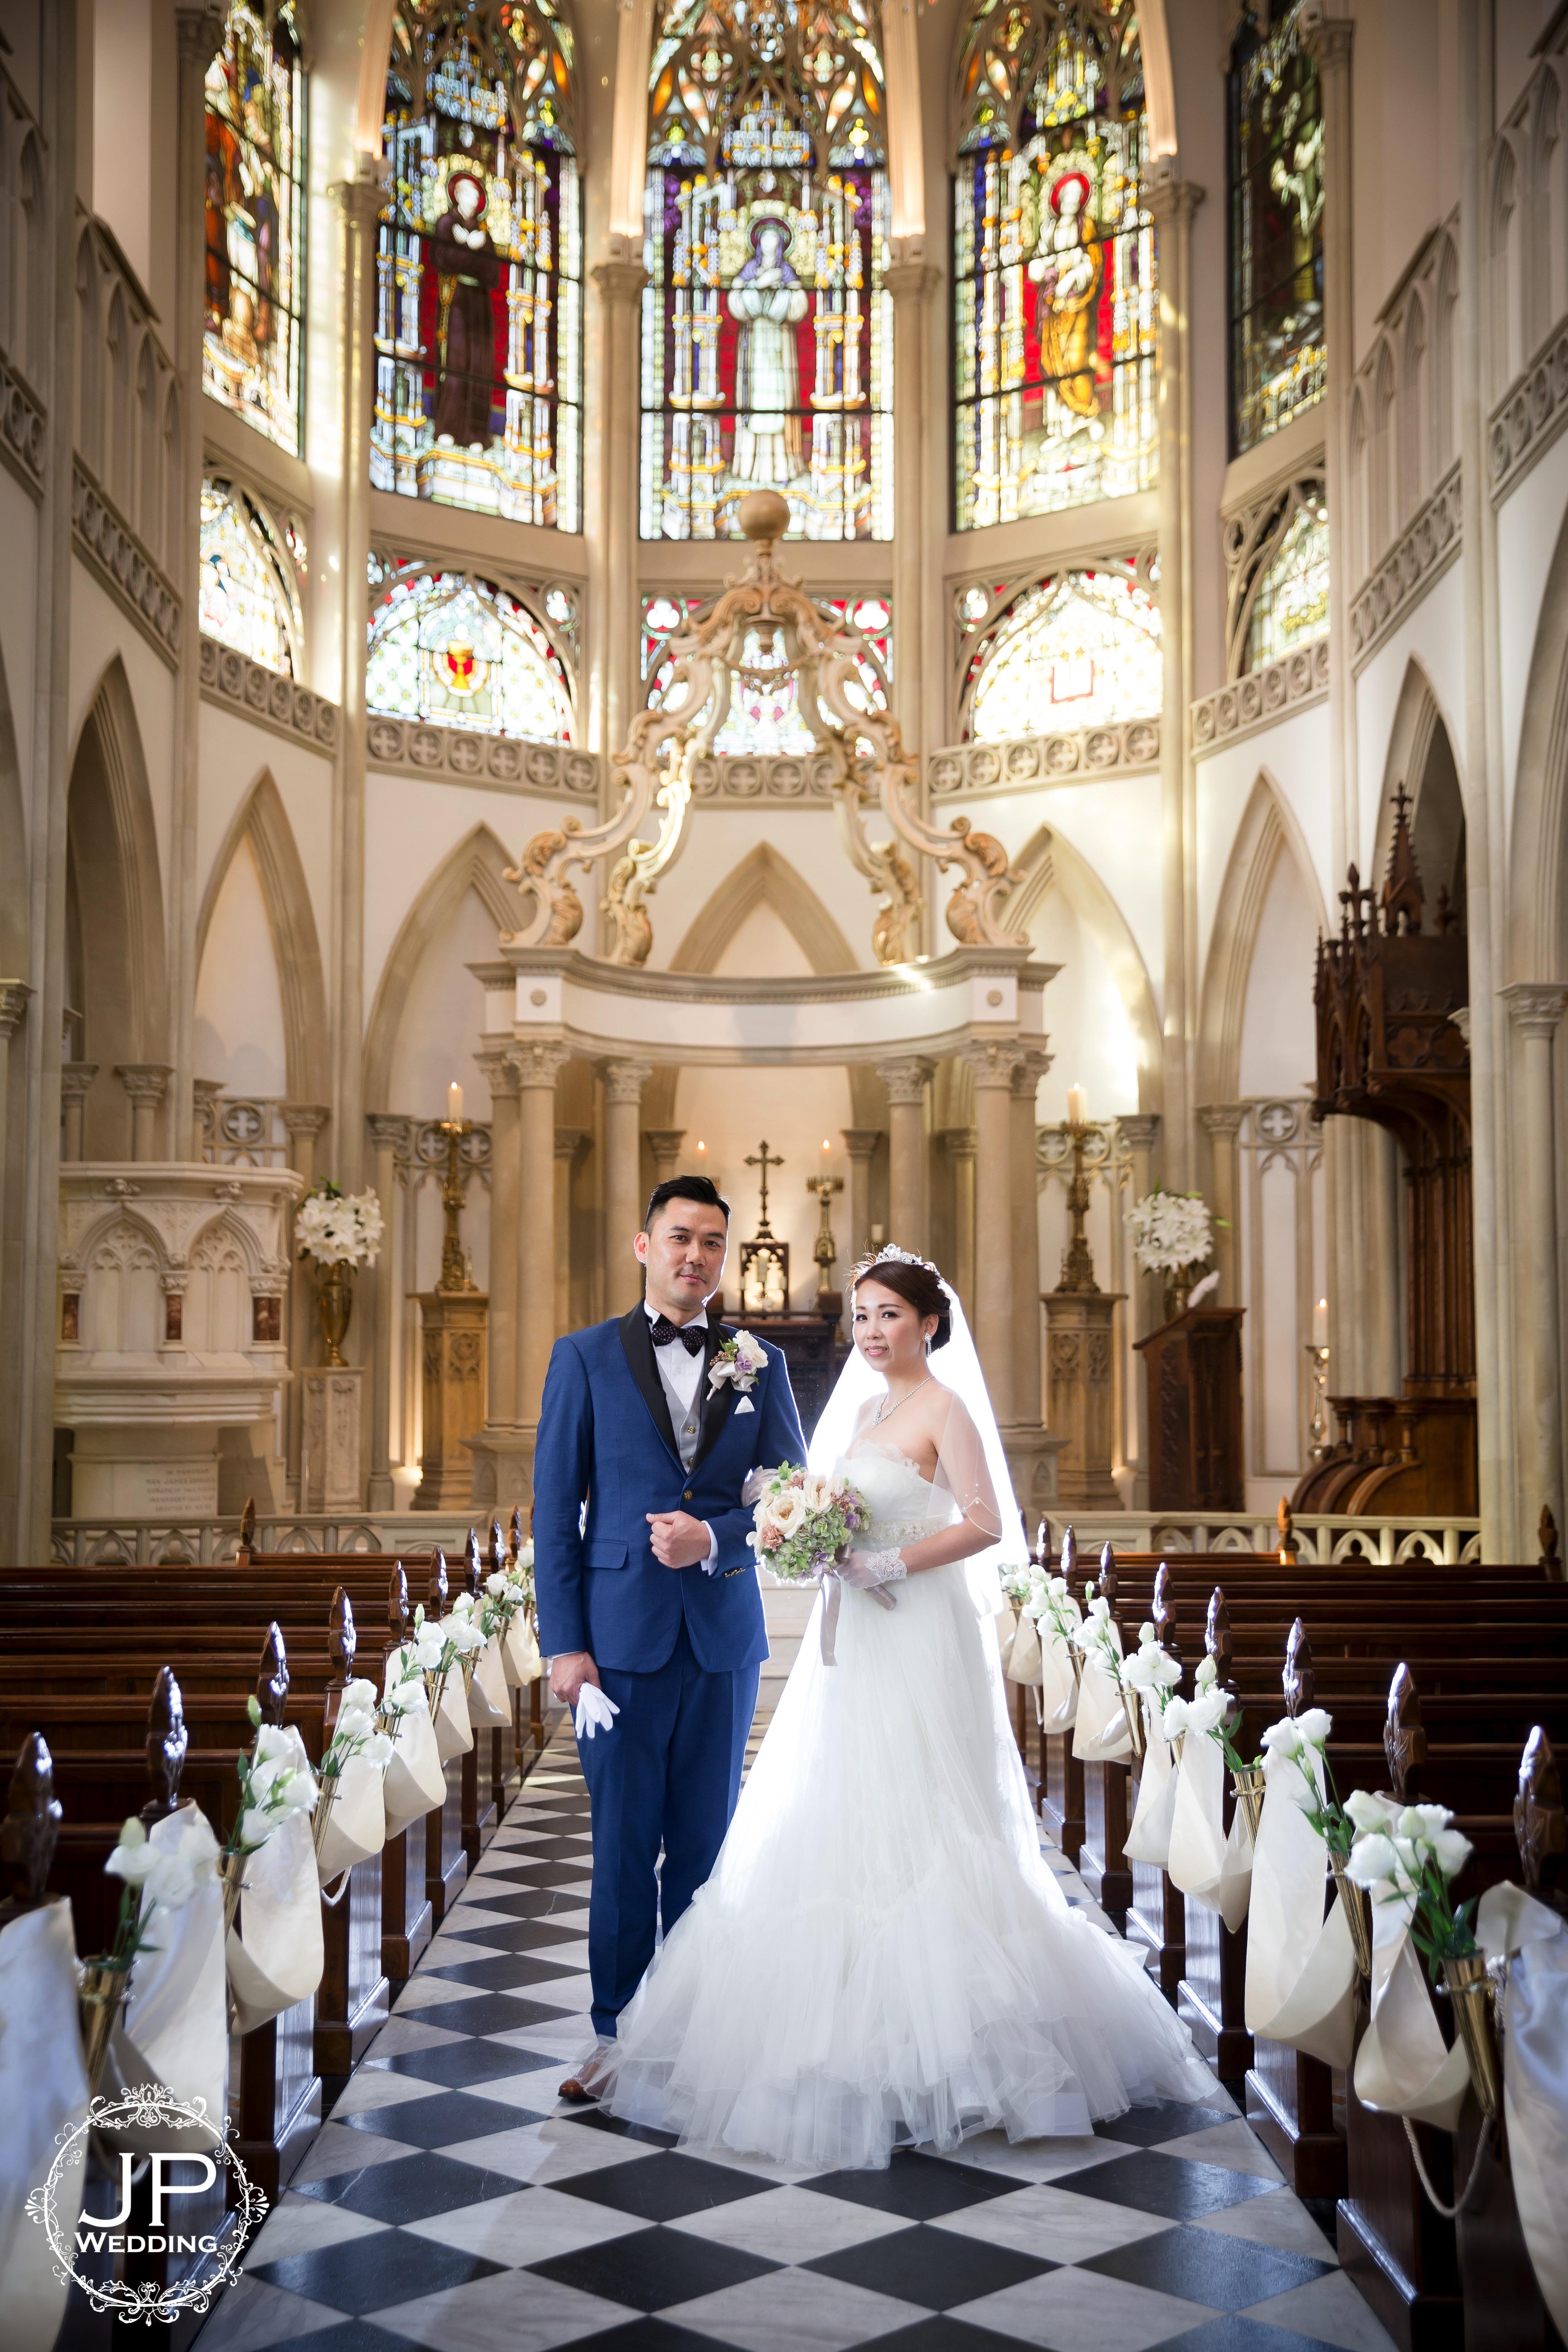 JP Wedding-Glastonia Chapel-7